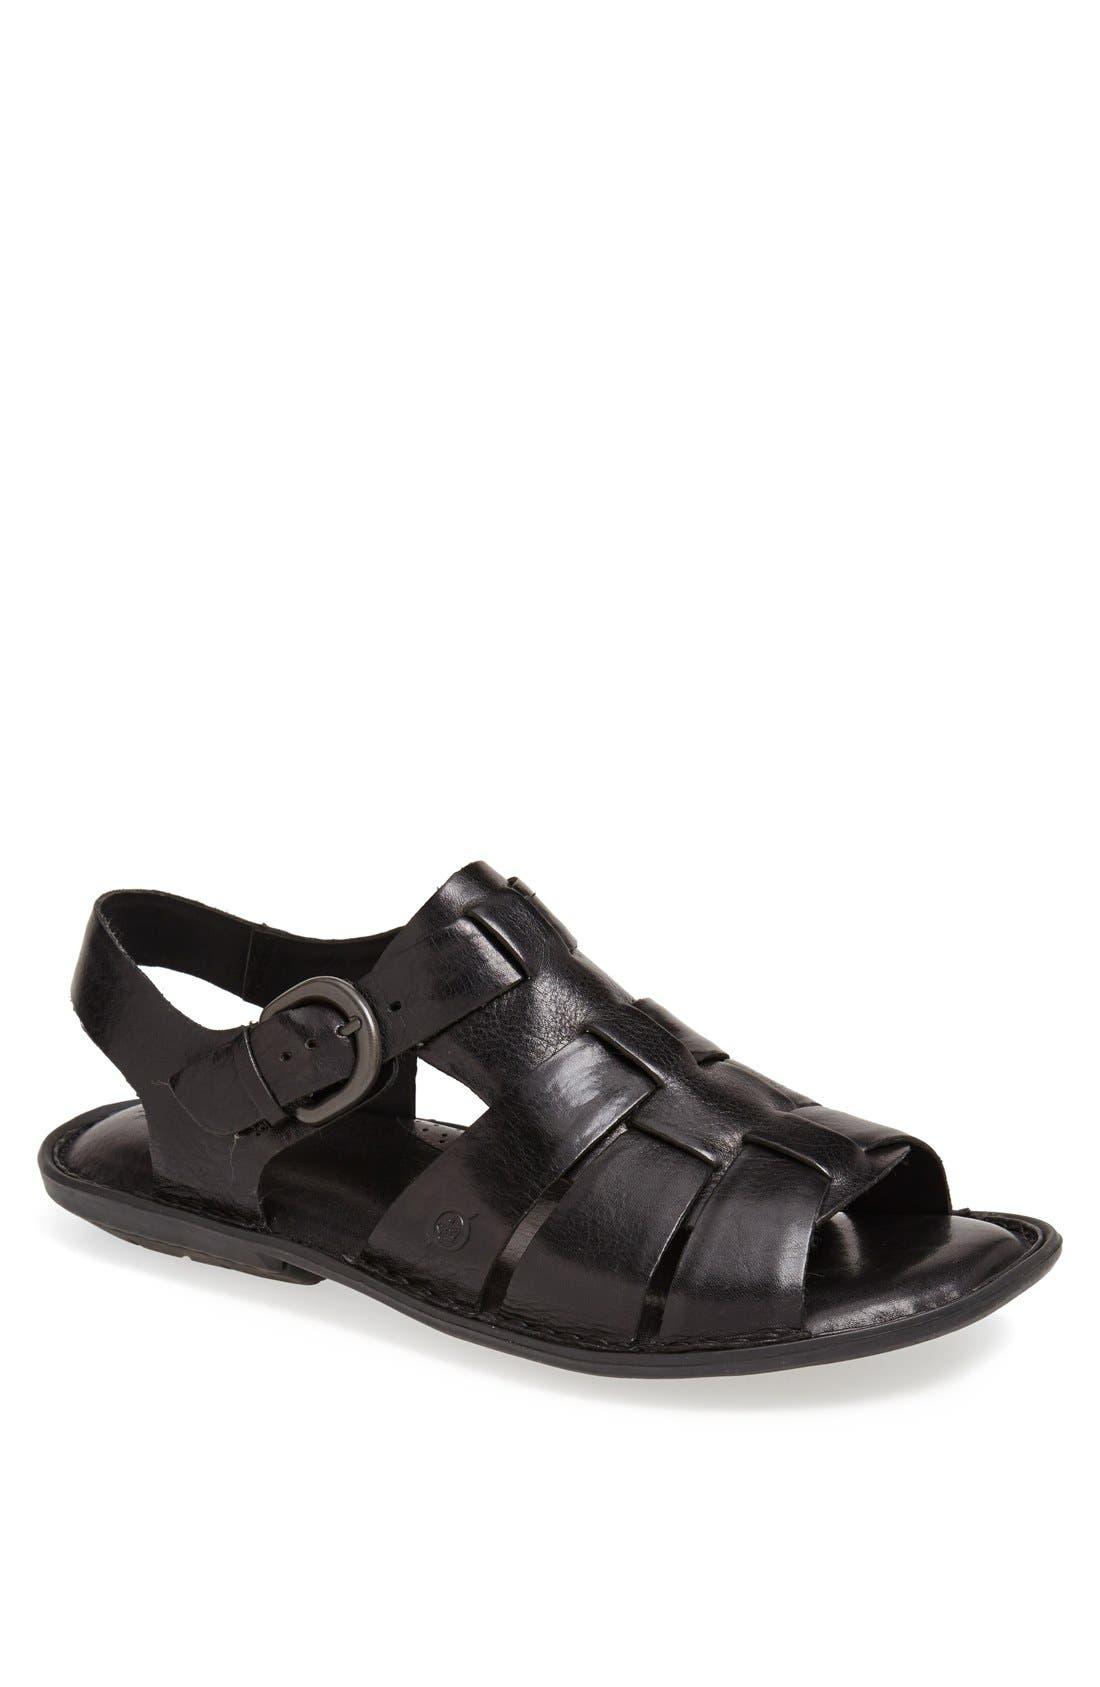 Alternate Image 1 Selected - Børn 'Chamberlain' Sandal   (Men)